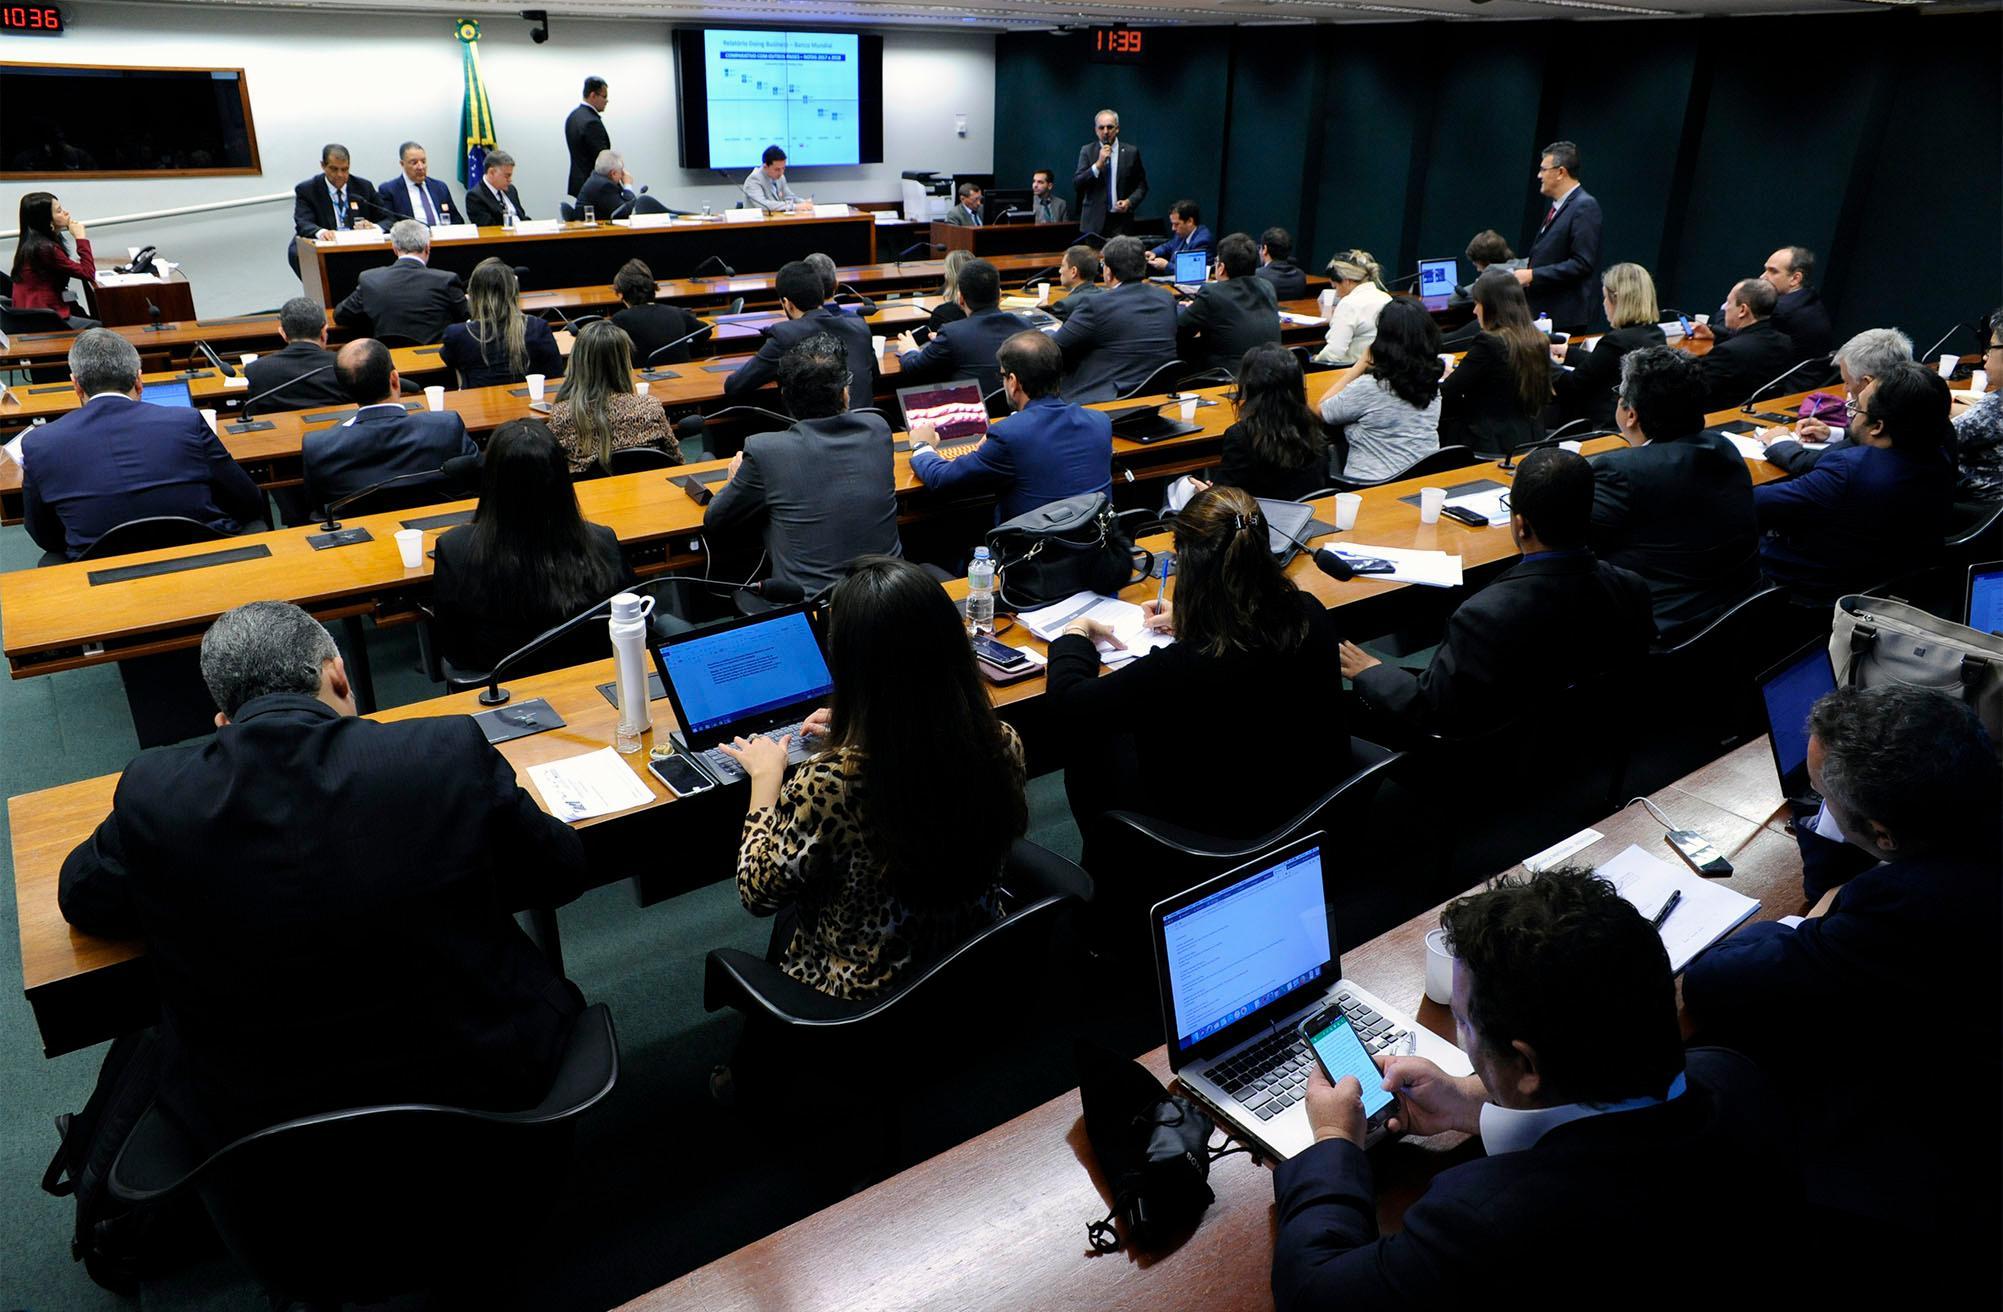 Audiência pública conjunta sobre a importância do sistema e-Social para unificação, simplificação, redução da burocracia e melhoria da eficiência para Governo e empresas